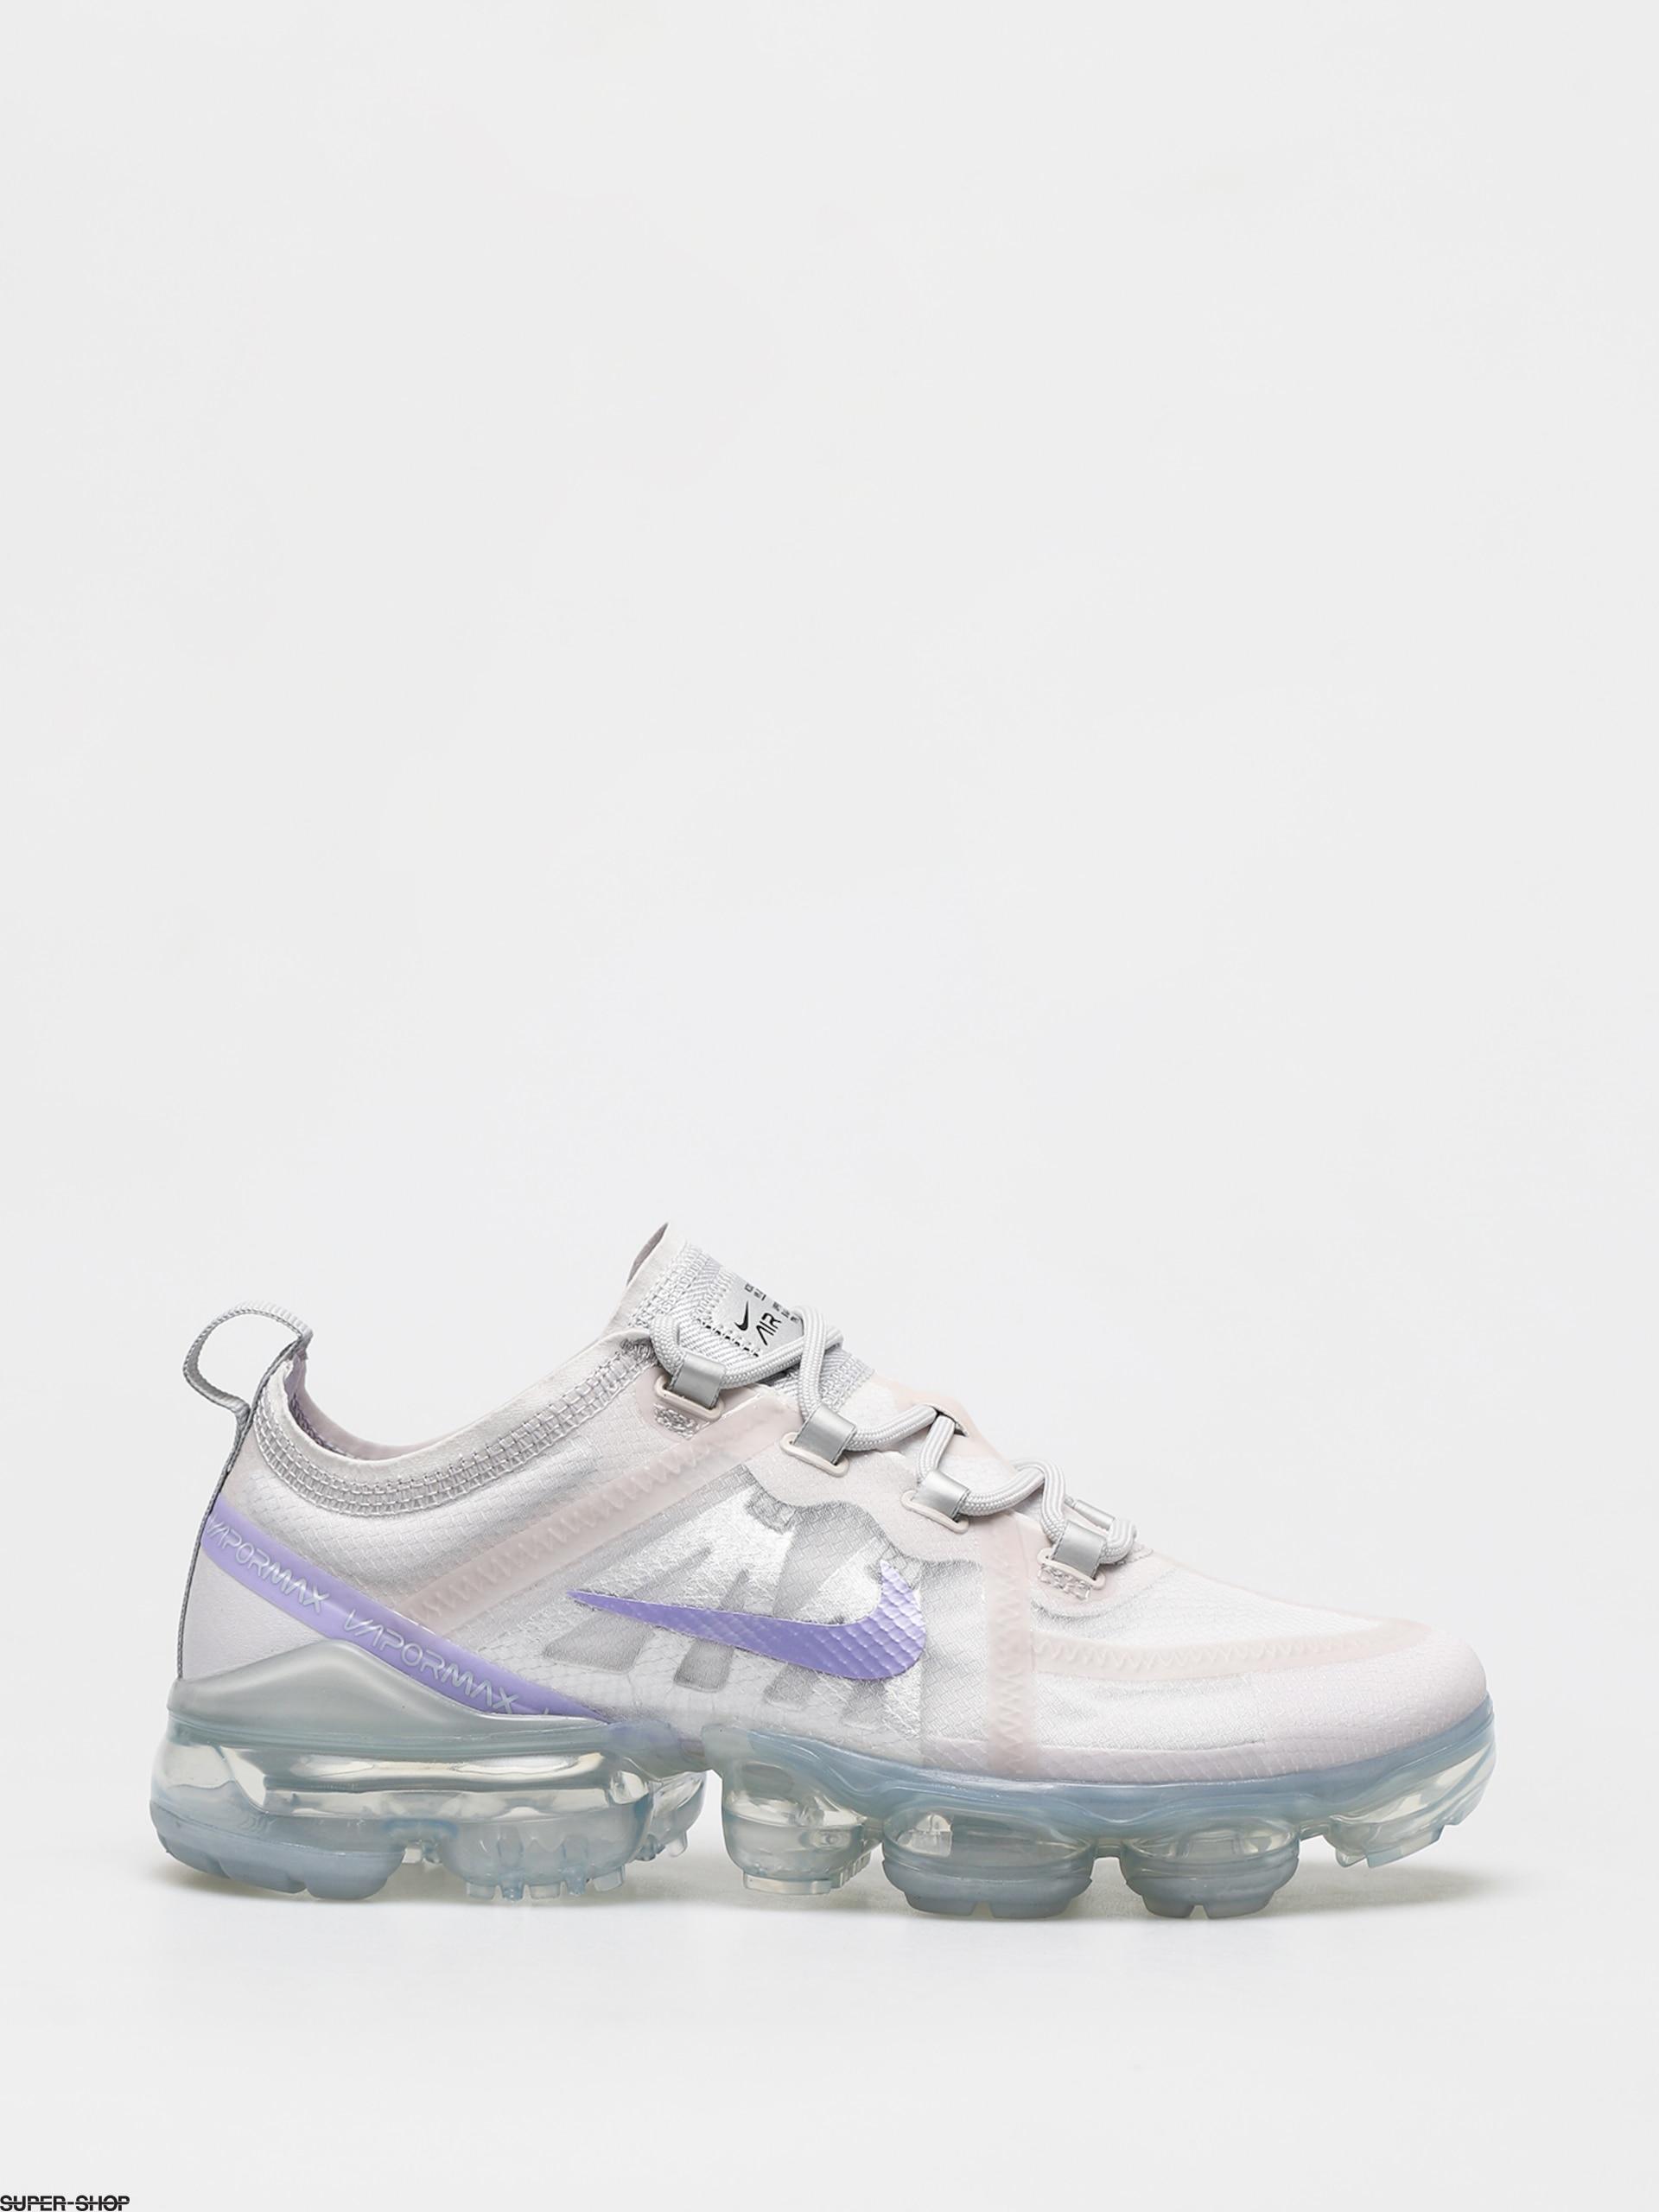 nike vapormax 2019 purple